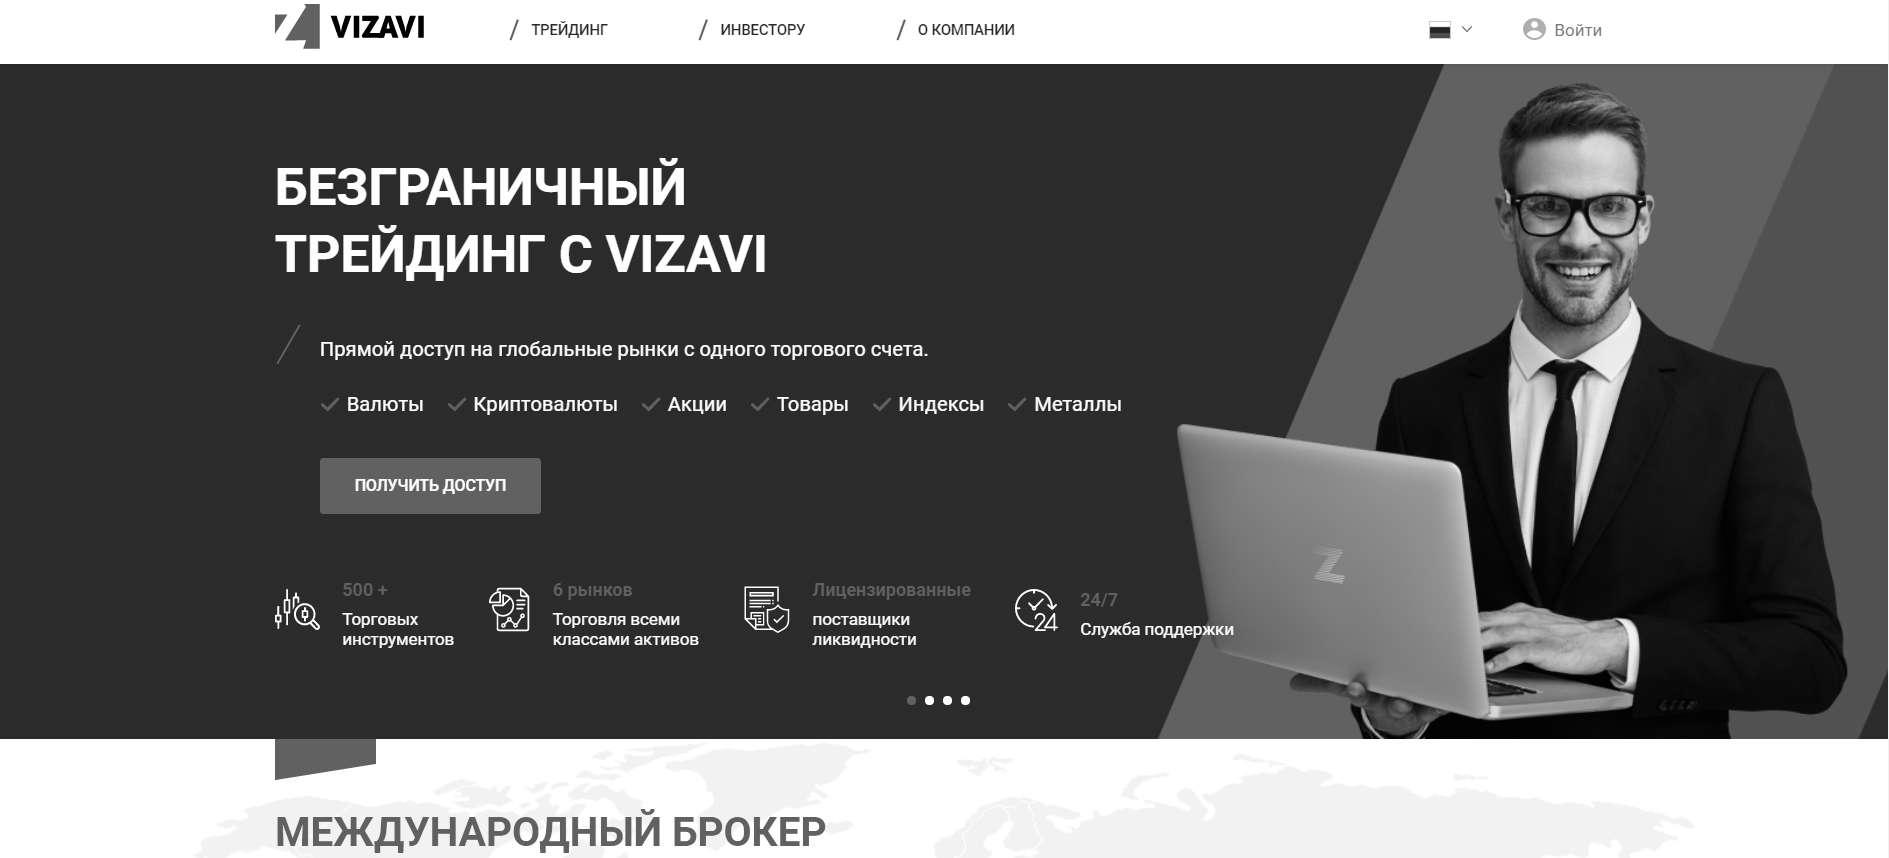 Псевдоброкер Vizavi.com - доверять или нет, на наш взгляд мутному брокеру?